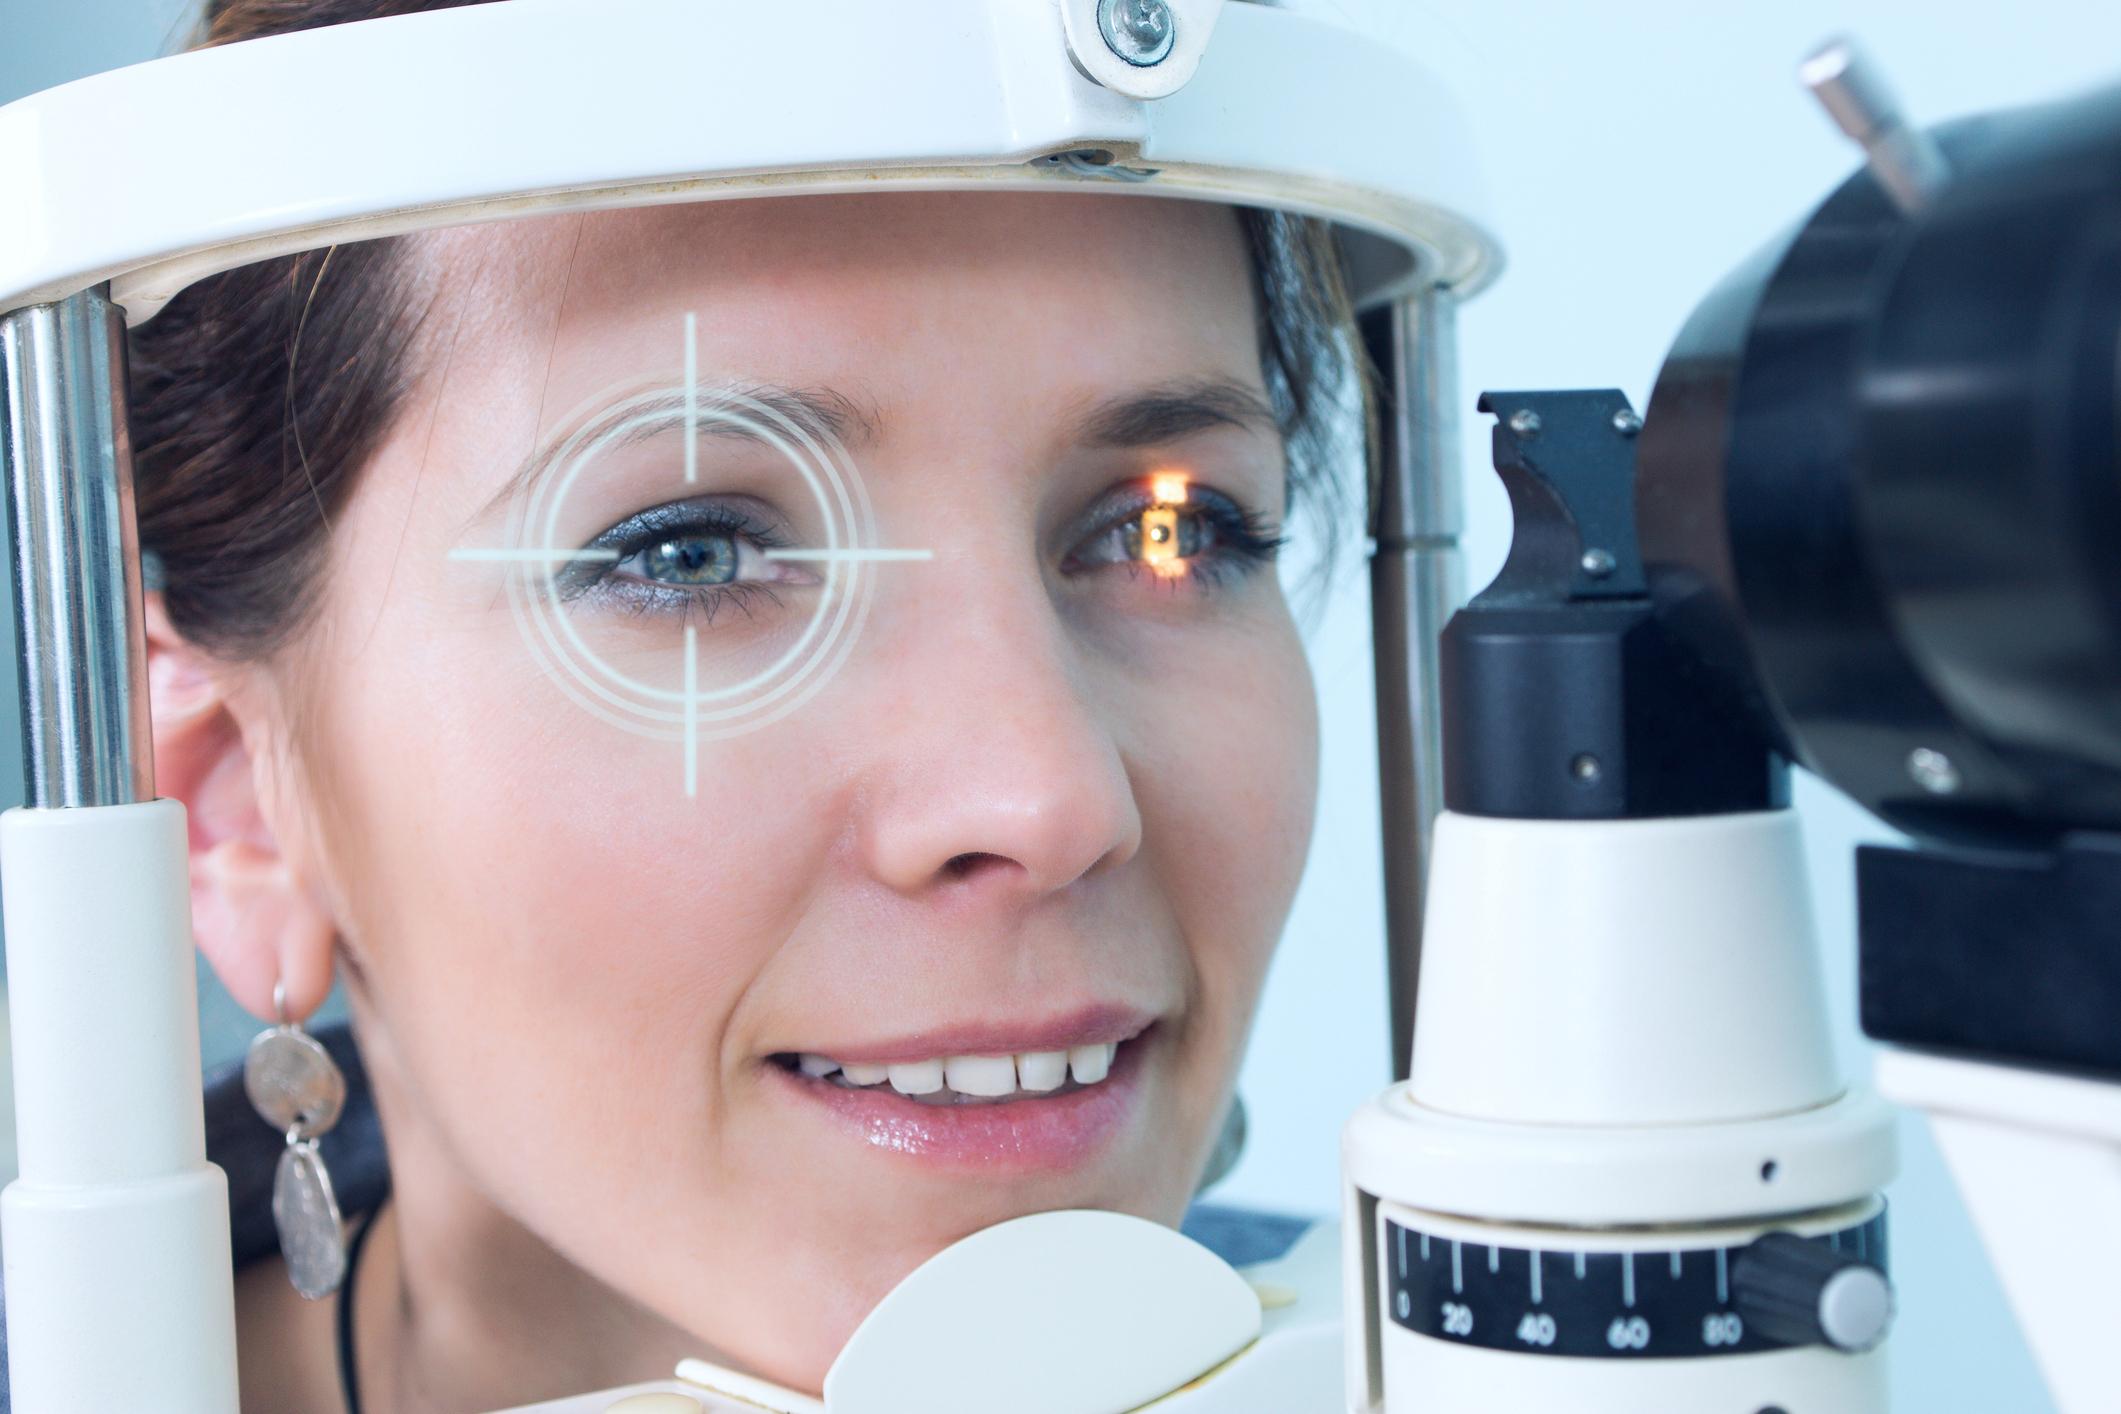 Checking eyesight